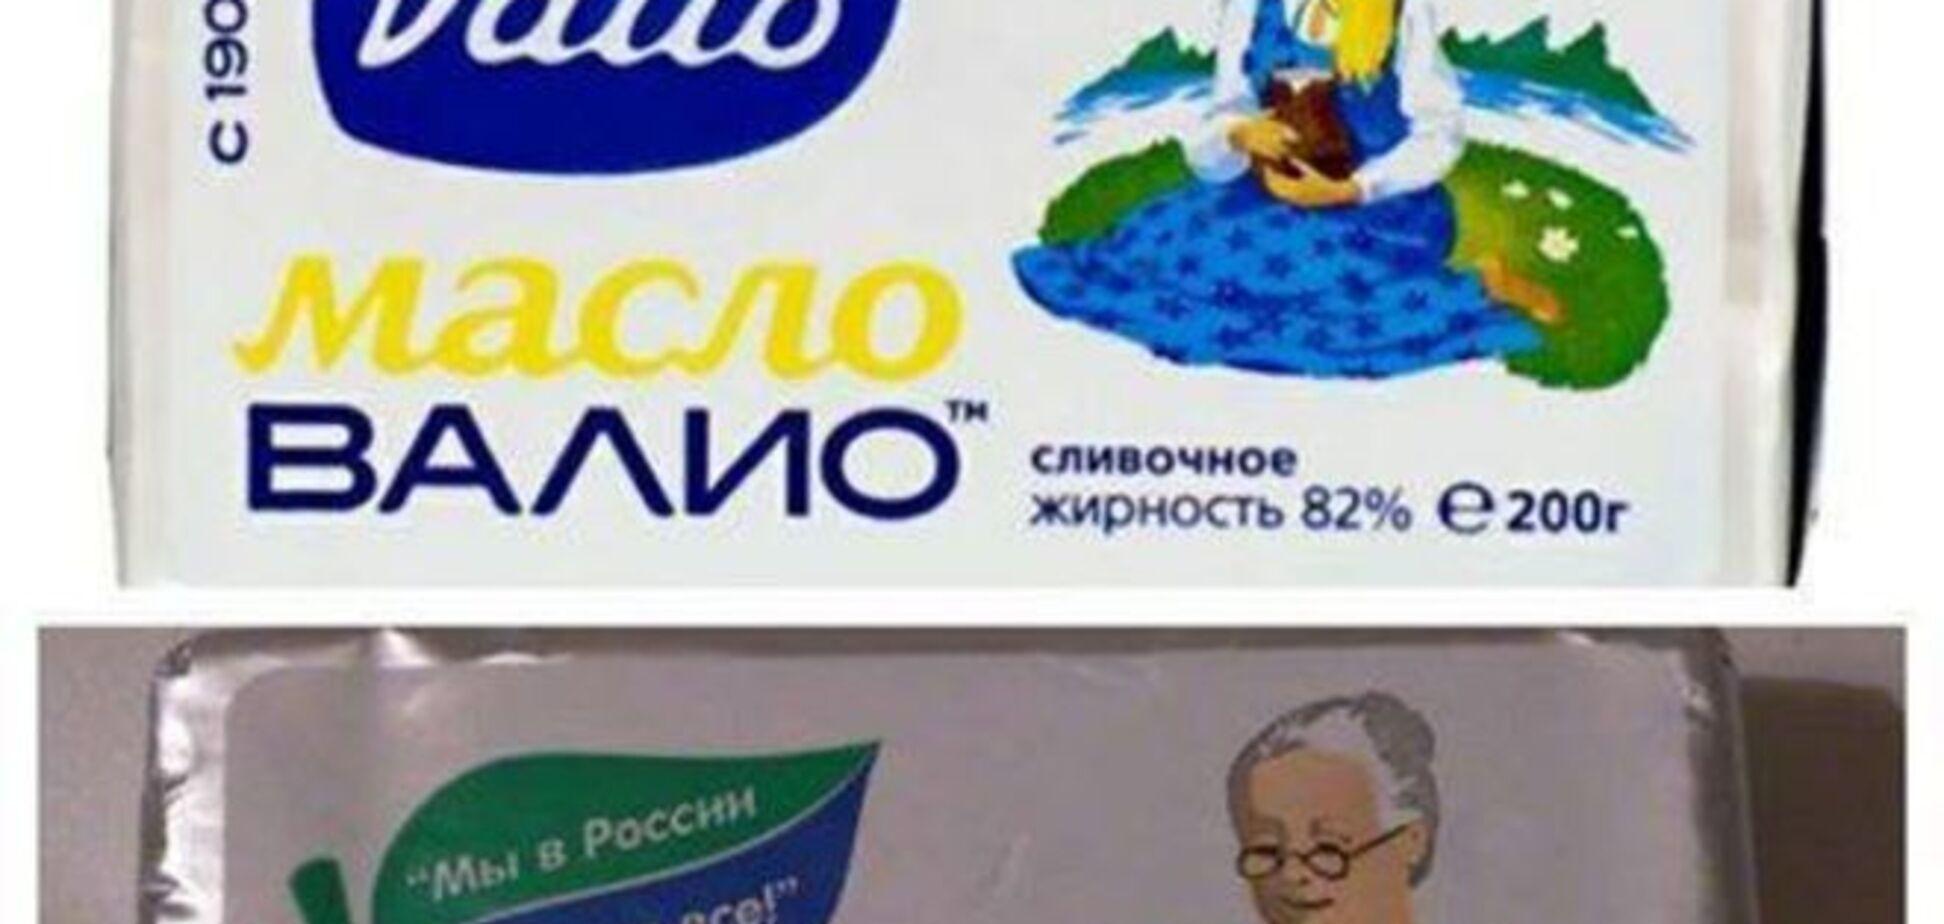 'Мы в России можем все!': масло Valio превратилось в 'Бабу Валю'